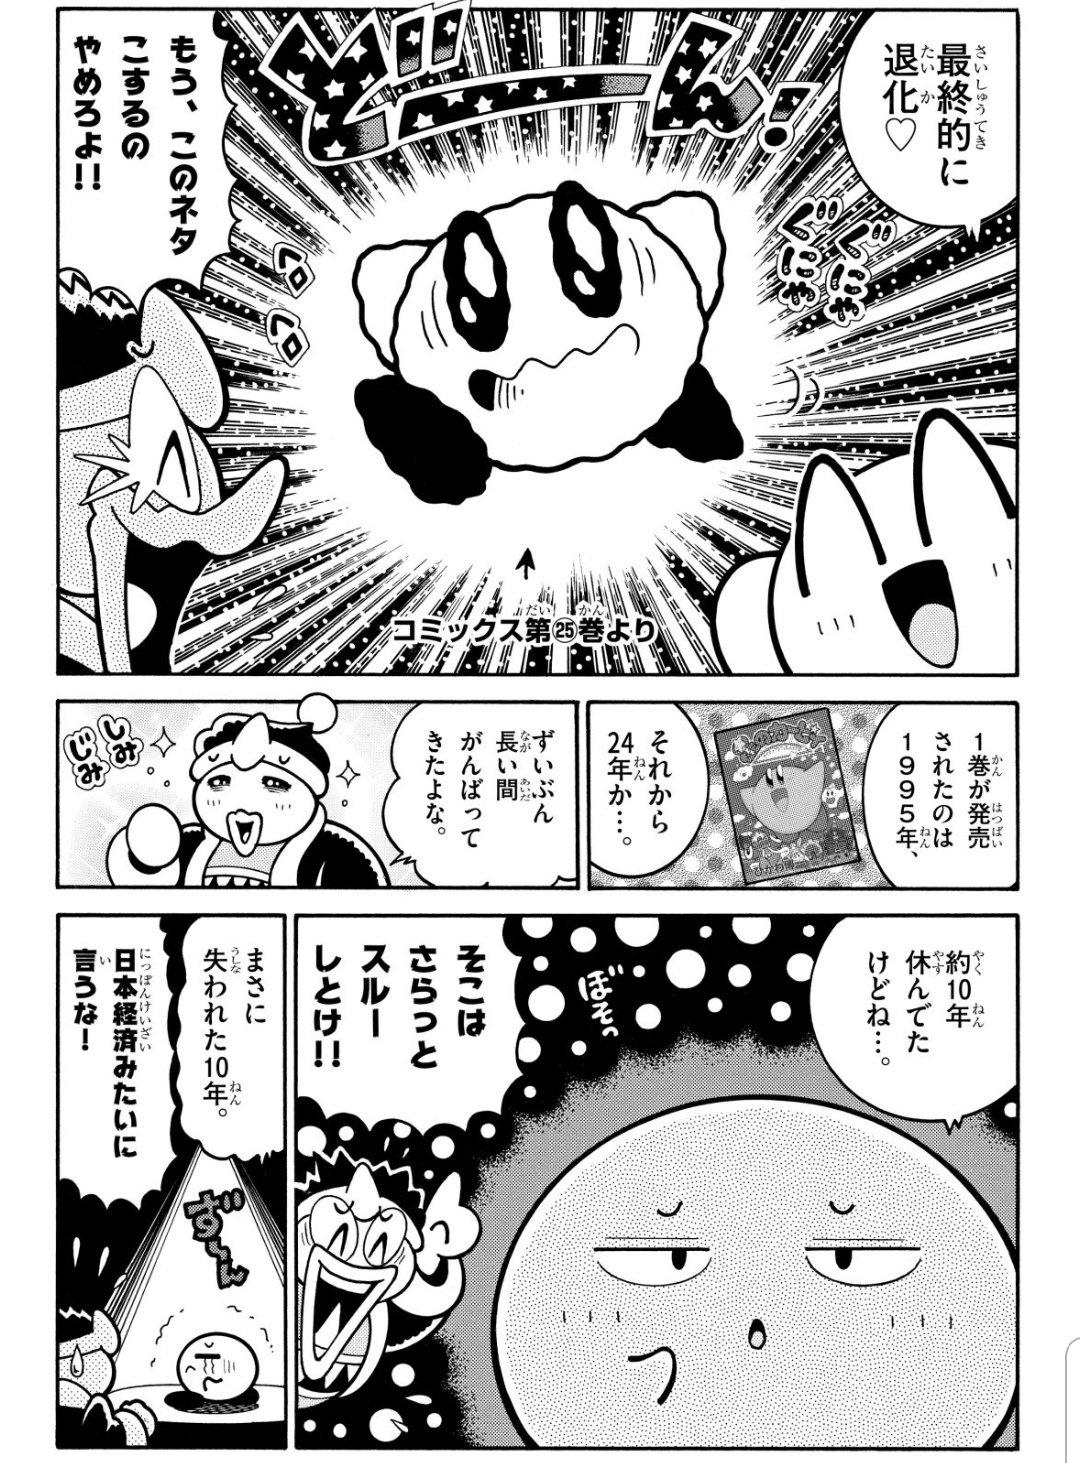 ひかわ作カービィ傑作選発売記念‼ネット公開の漫画が面白すぎるwww